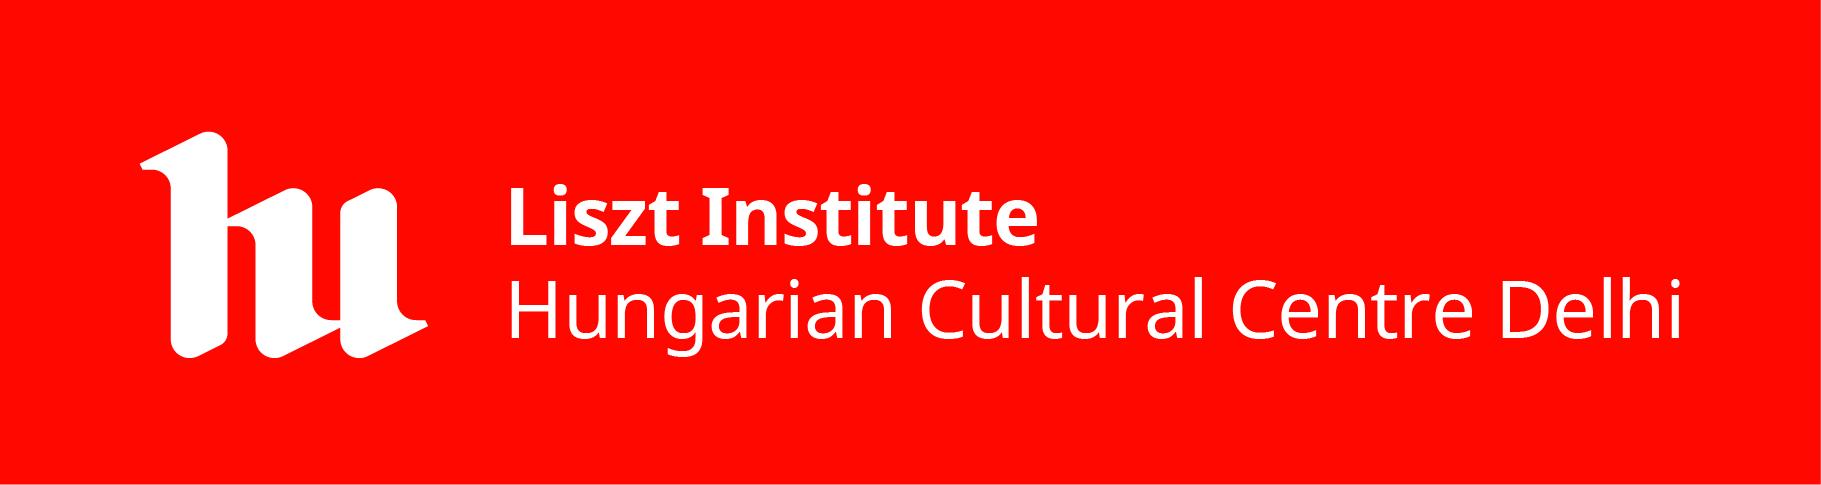 Liszt Institute Hungarian Cultural Centre Delhi